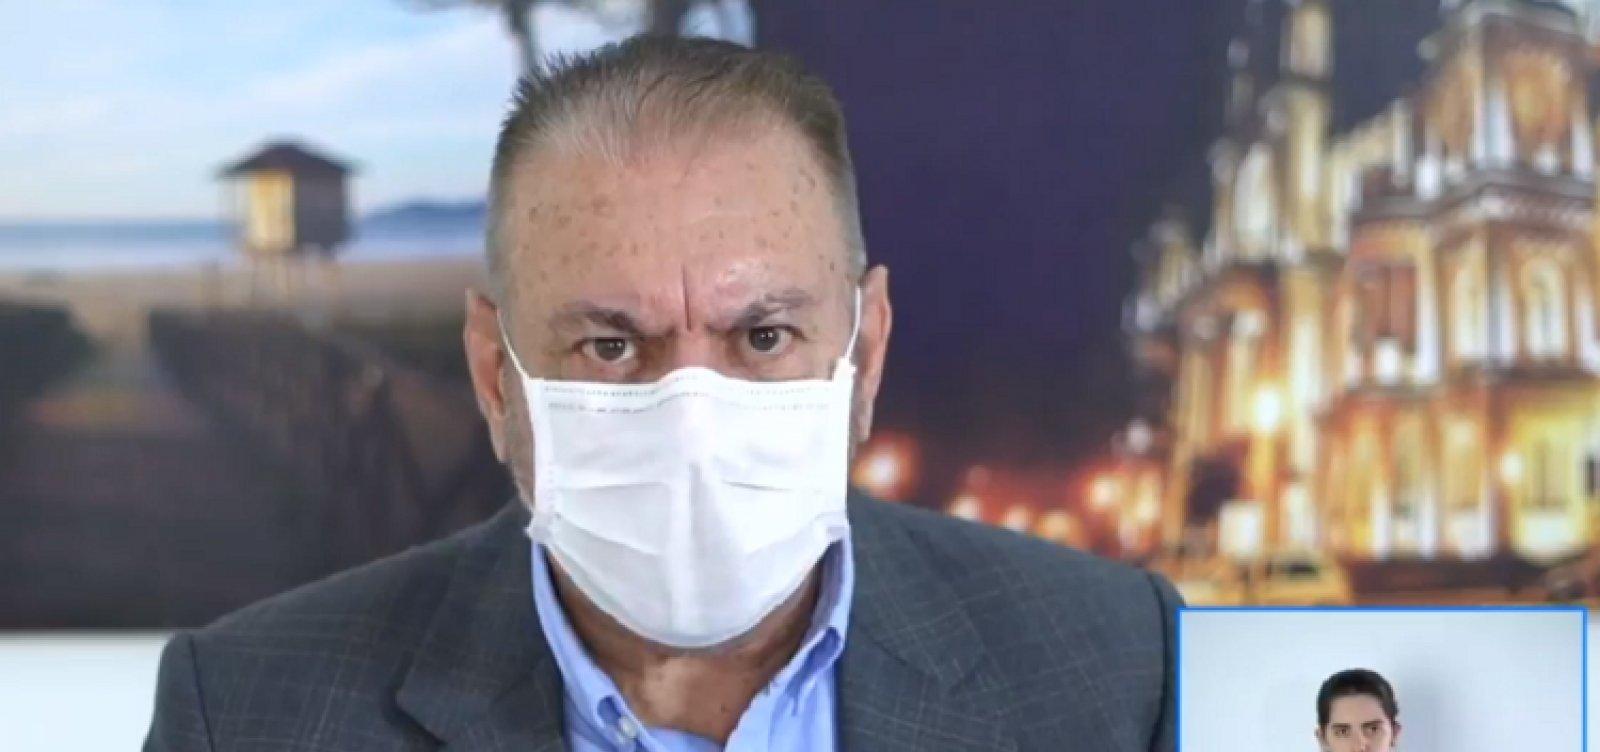 [Prefeito de Itajaí-SC quer tratar Covid-19 com aplicação retal de ozônio]